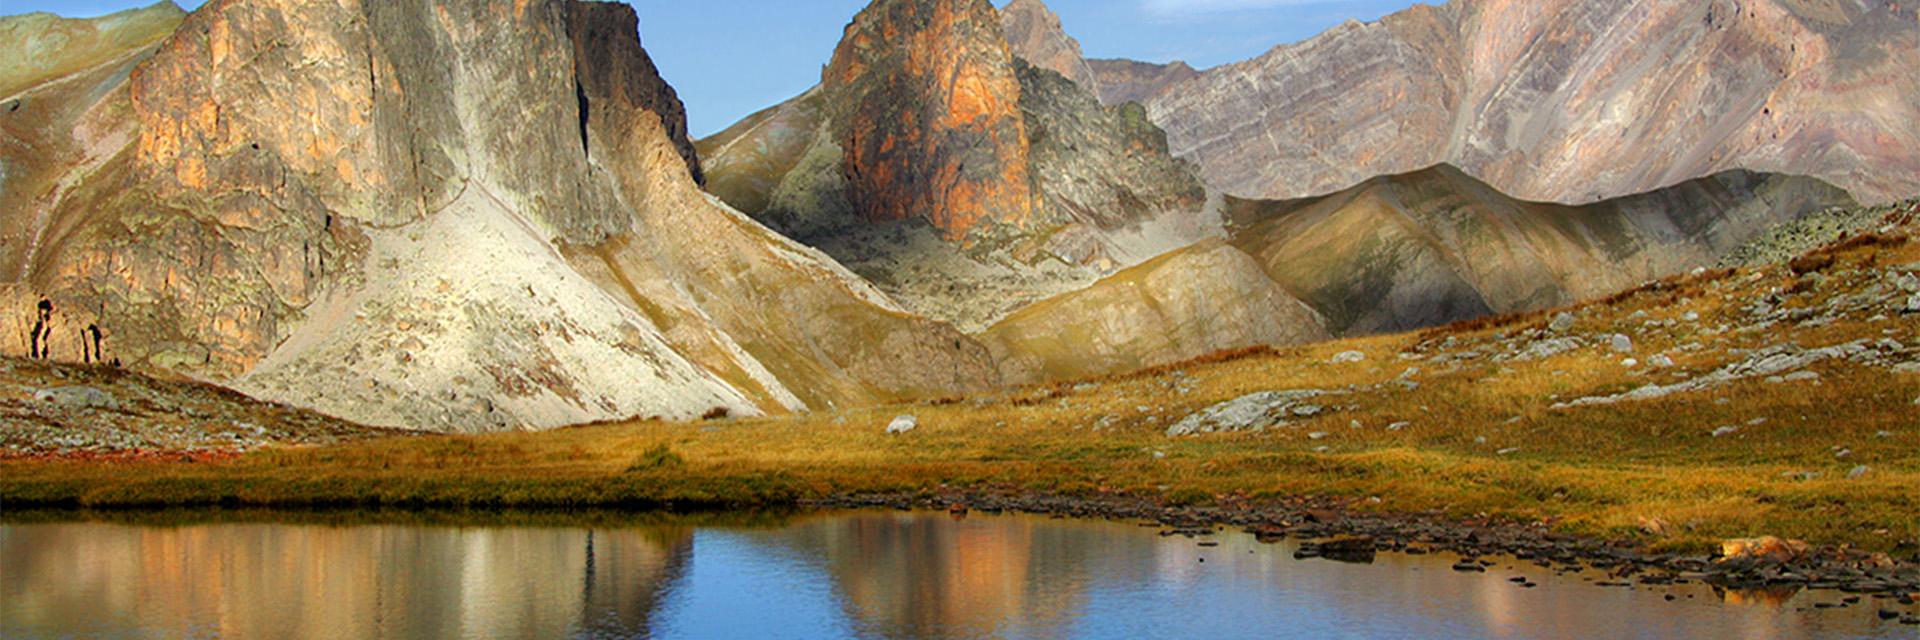 Séminaires au coeur des Alpes de Haute-Provence - Lou Riouclar